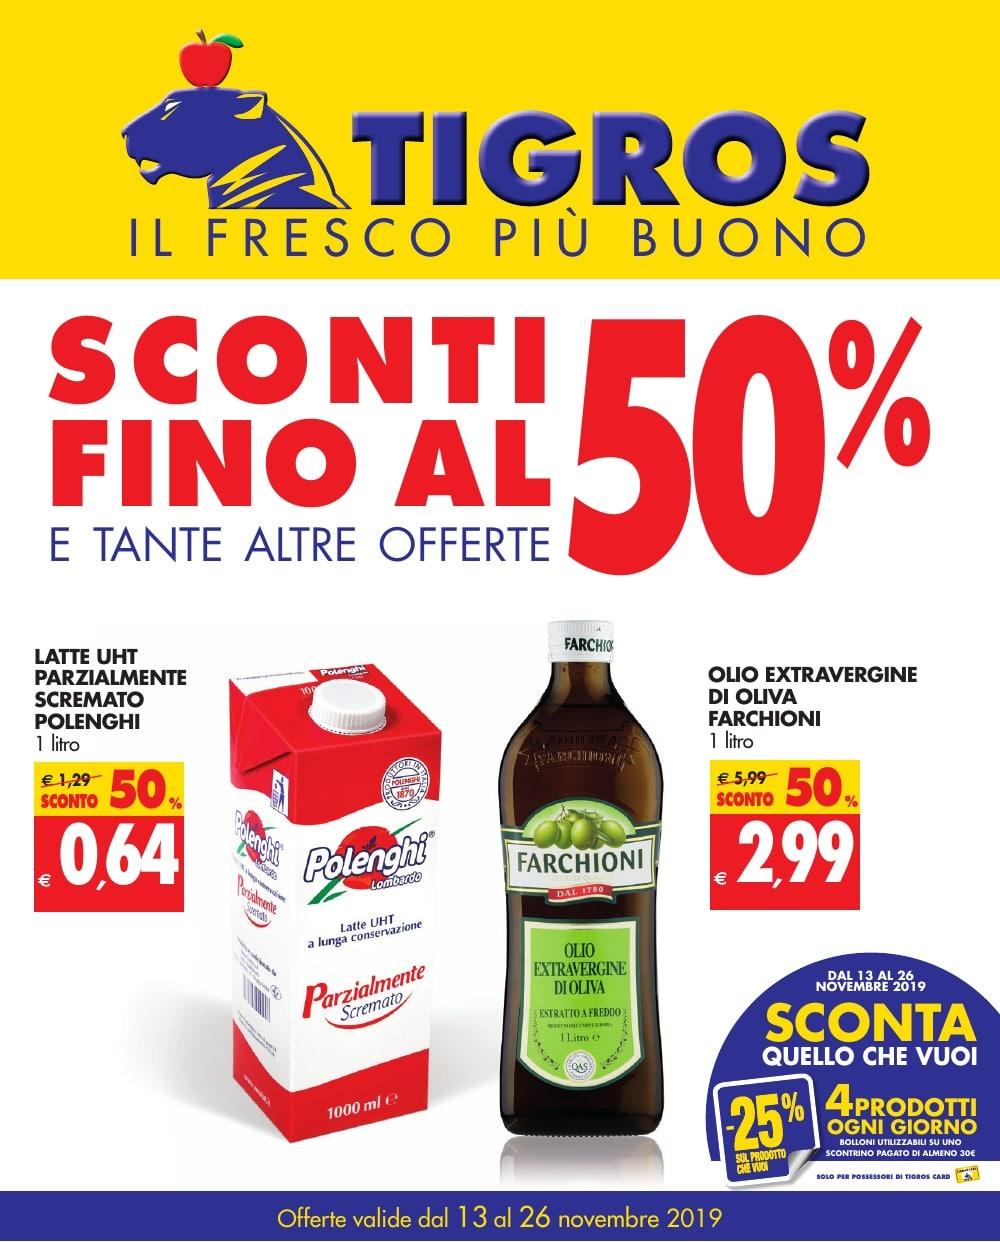 Volantino Tigros 13 Novembre - 26 Novembre 2019